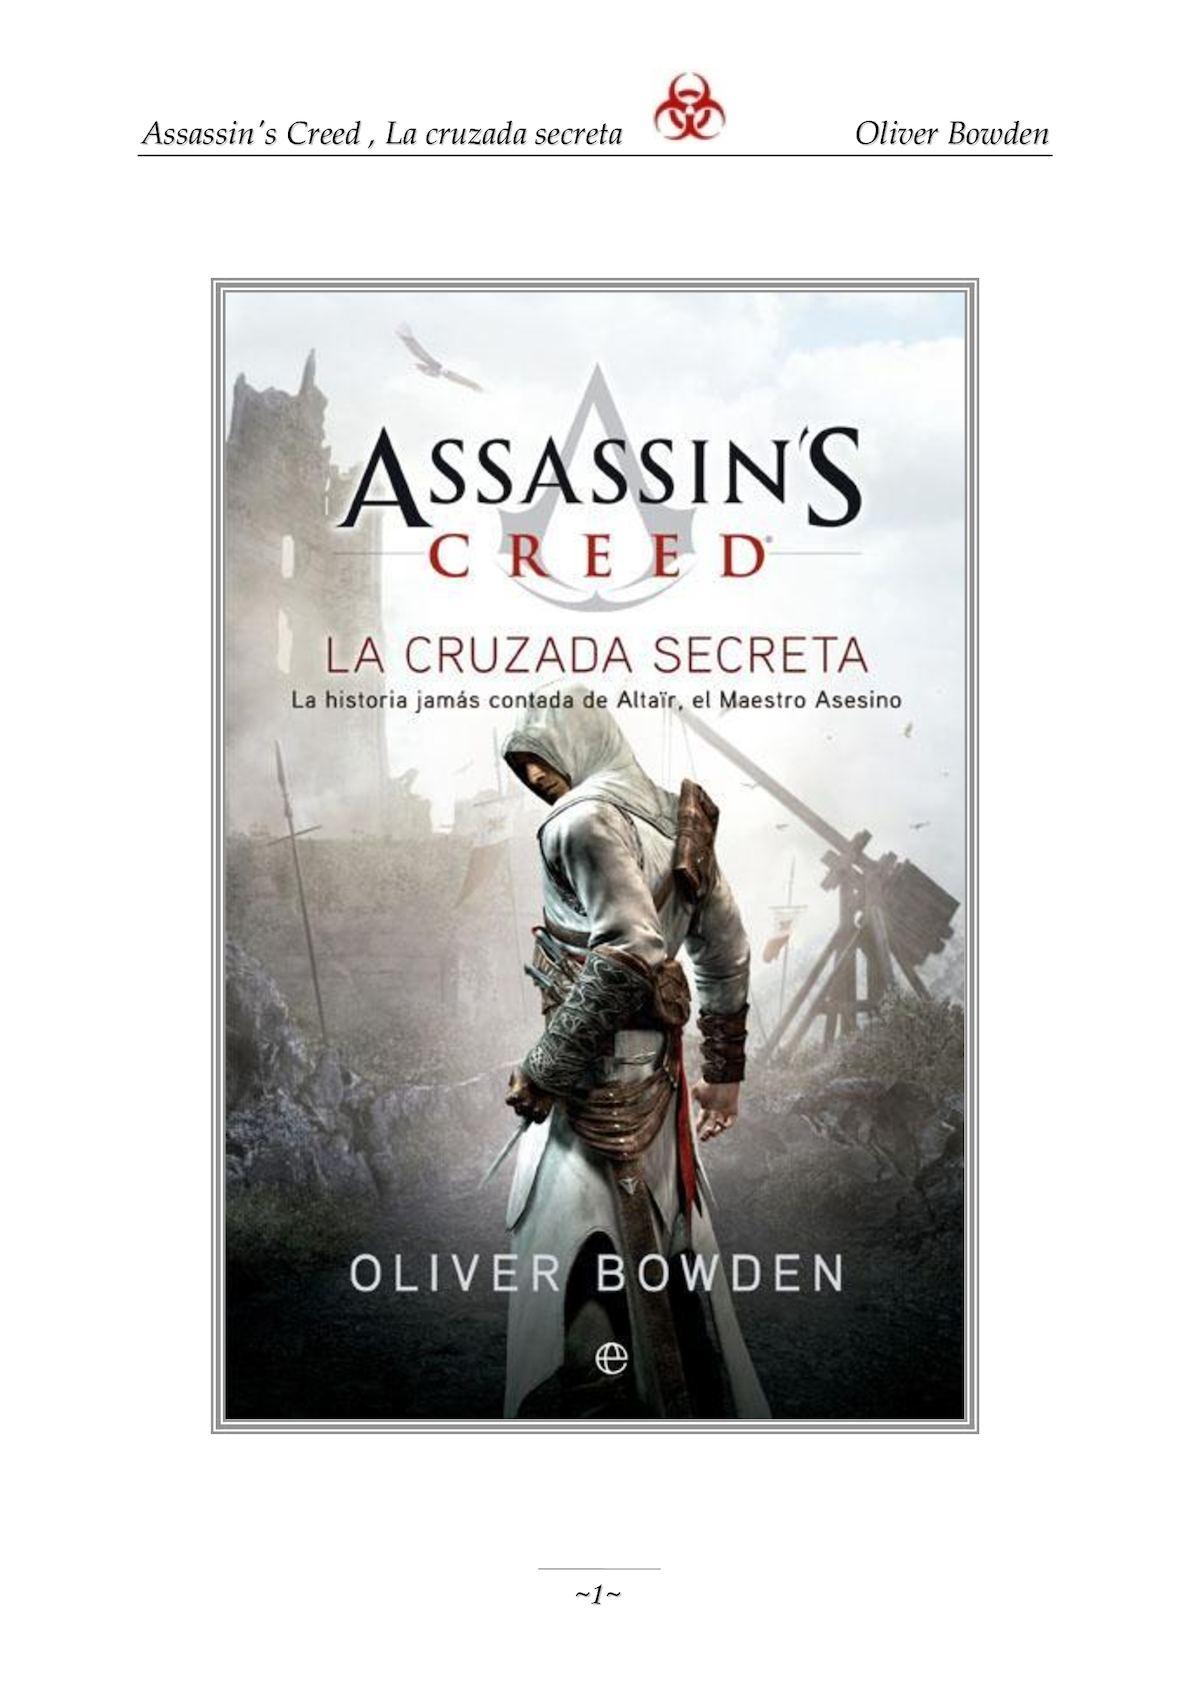 Calaméo - Assassin\'s Creed 3, La Cruzada Secreta Oliver Bowden